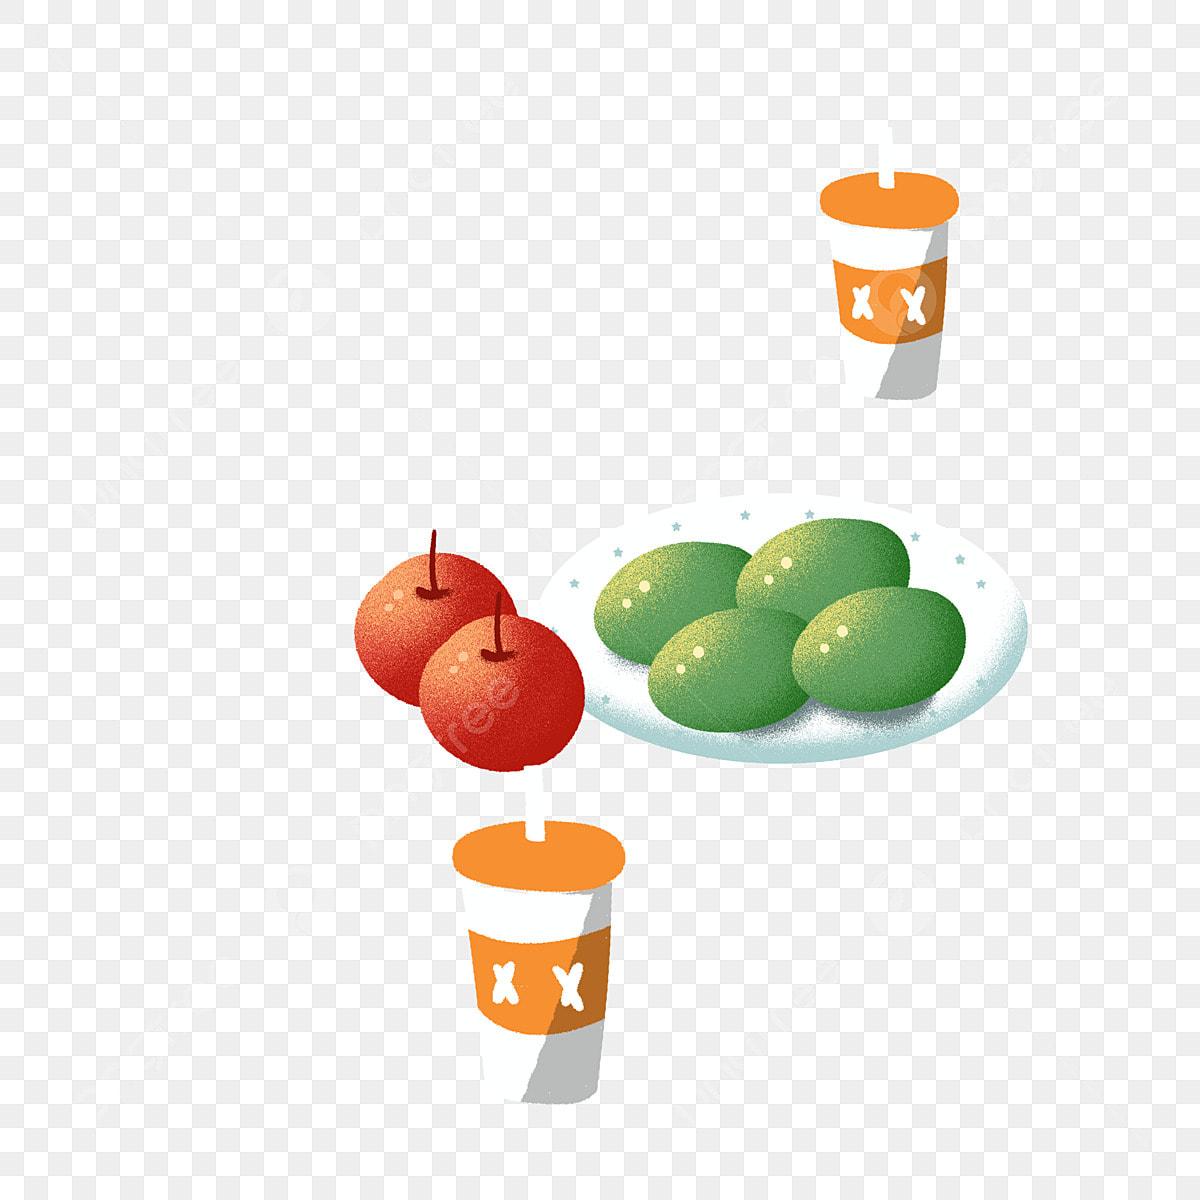 Tangan Yang Ditarik Kumpulan Hijau Makanan Makanan Tangan Reka Bentuk Kartun Lengan Gambar Png Dan Psd Untuk Muat Turun Percuma